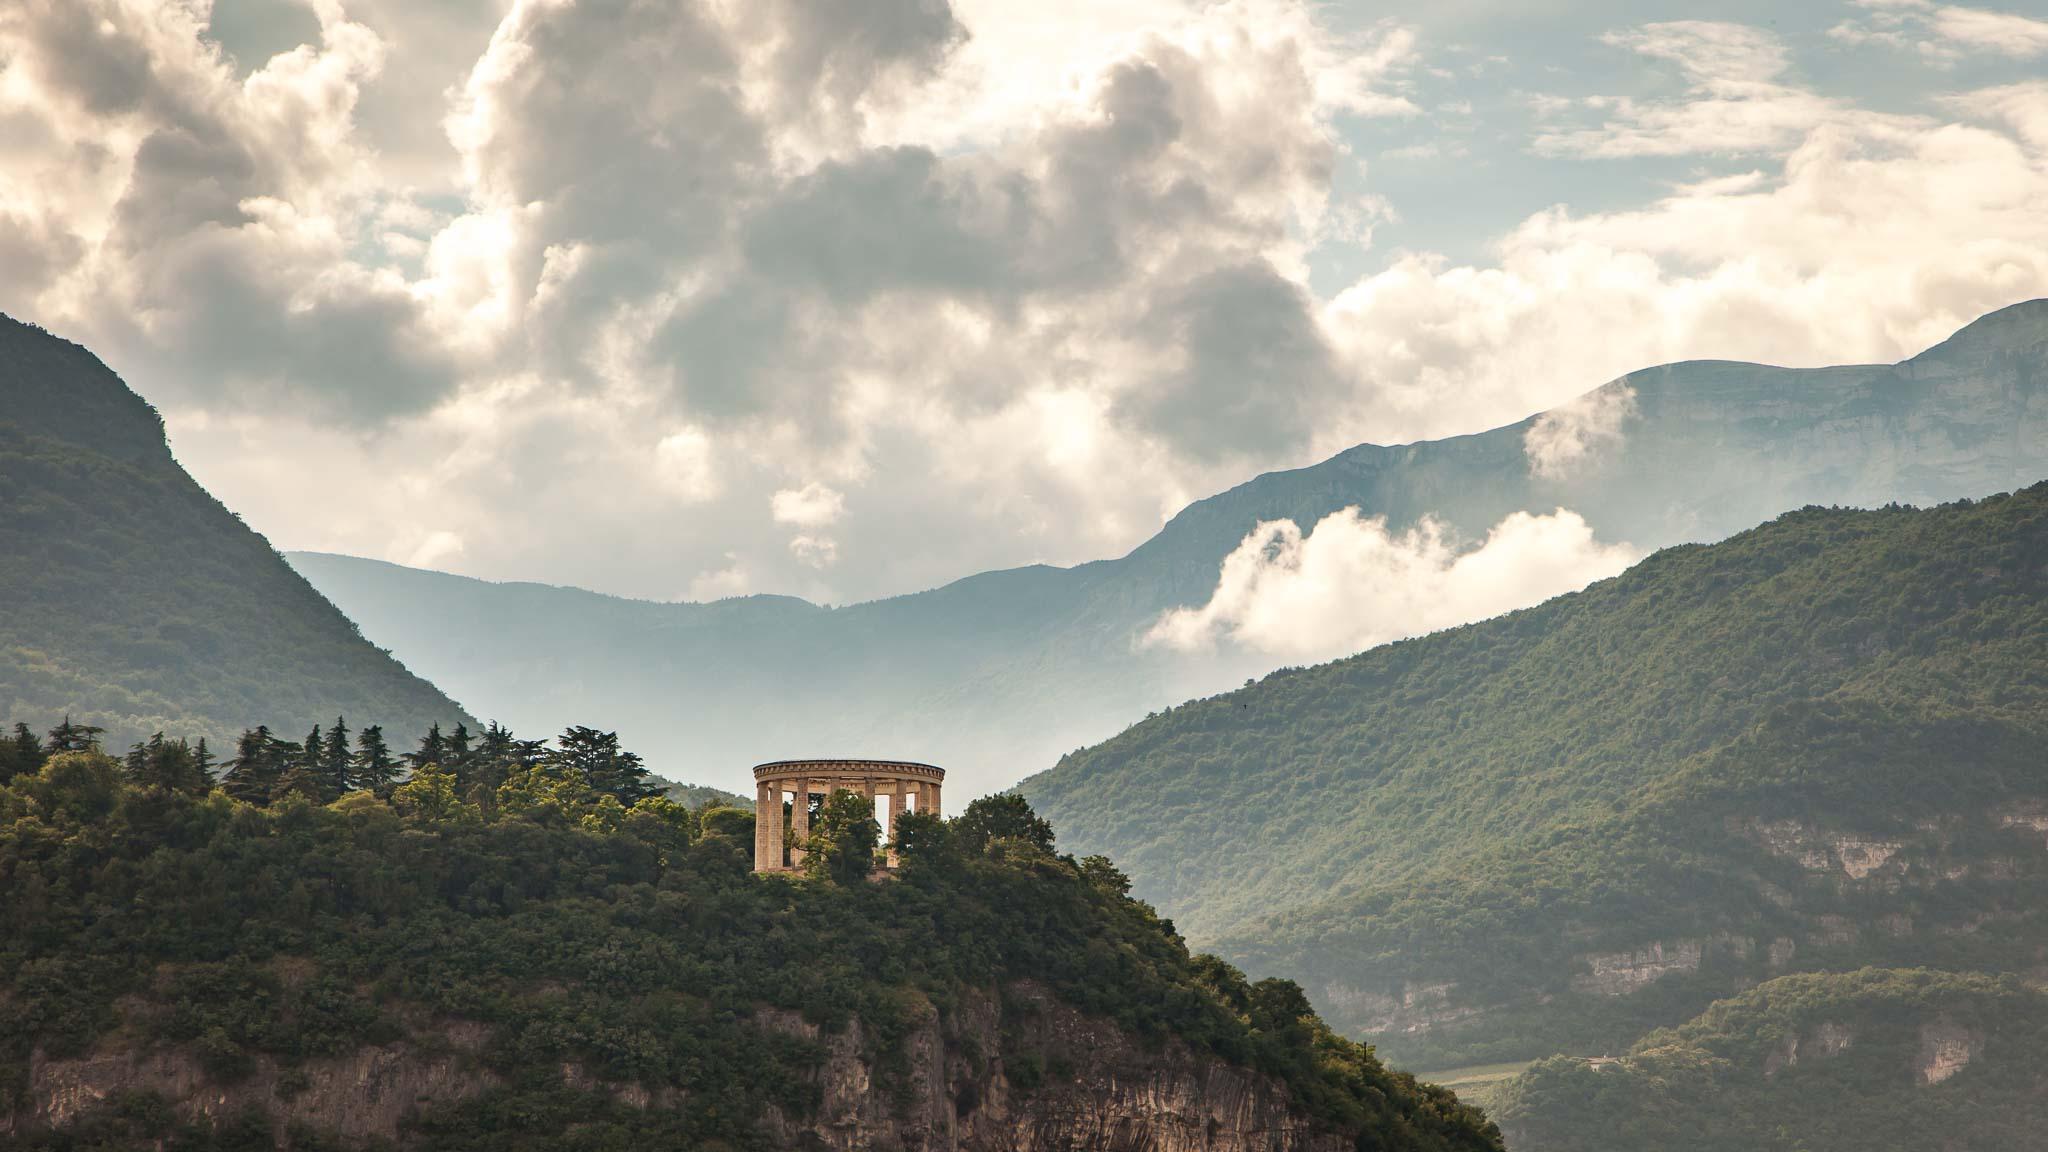 Roman architecture in Trento